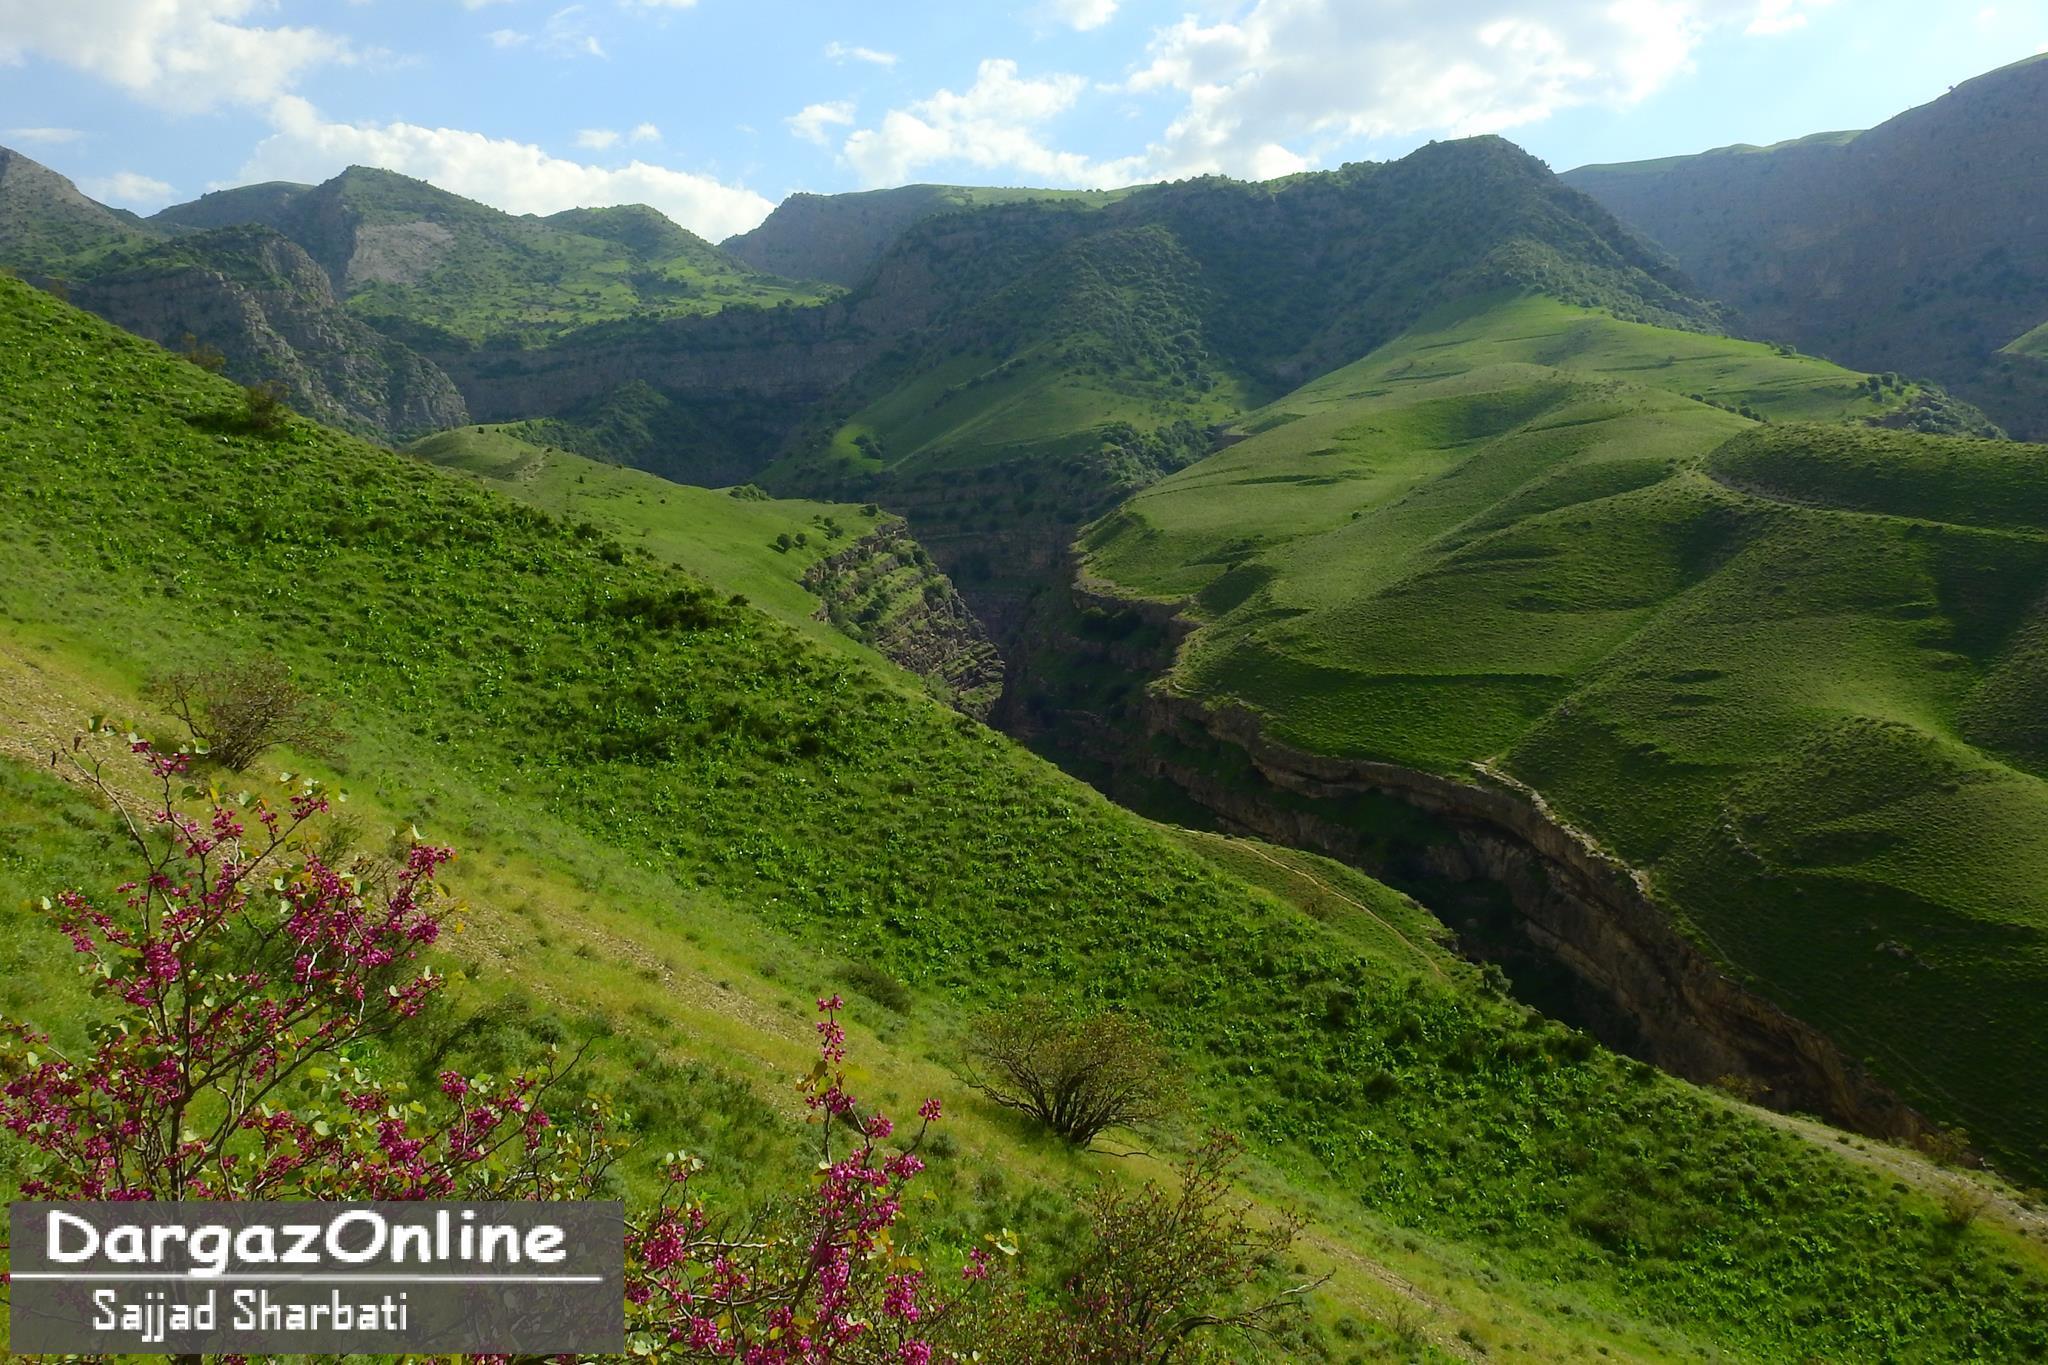 دره ارغوان درگز هر ساله در اردیبهشت ماه با شکفتن غنچه های ارغوان در اوج زیبایی است